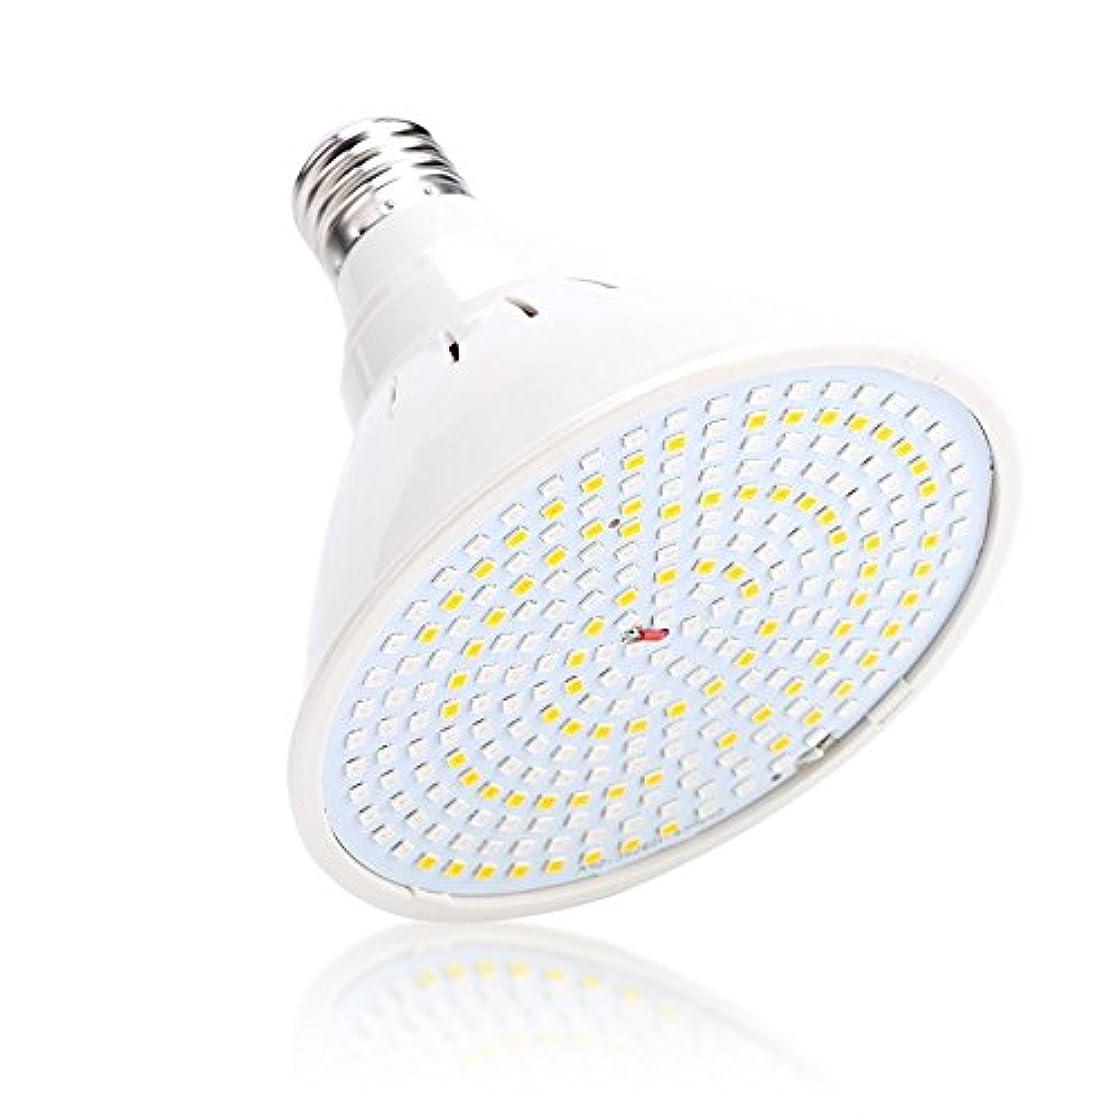 裸フルーティー手荷物3色LEDホワイトニング 美容器具肌 ライト専門療法にきびしわ除去フェイスボディケア(01)